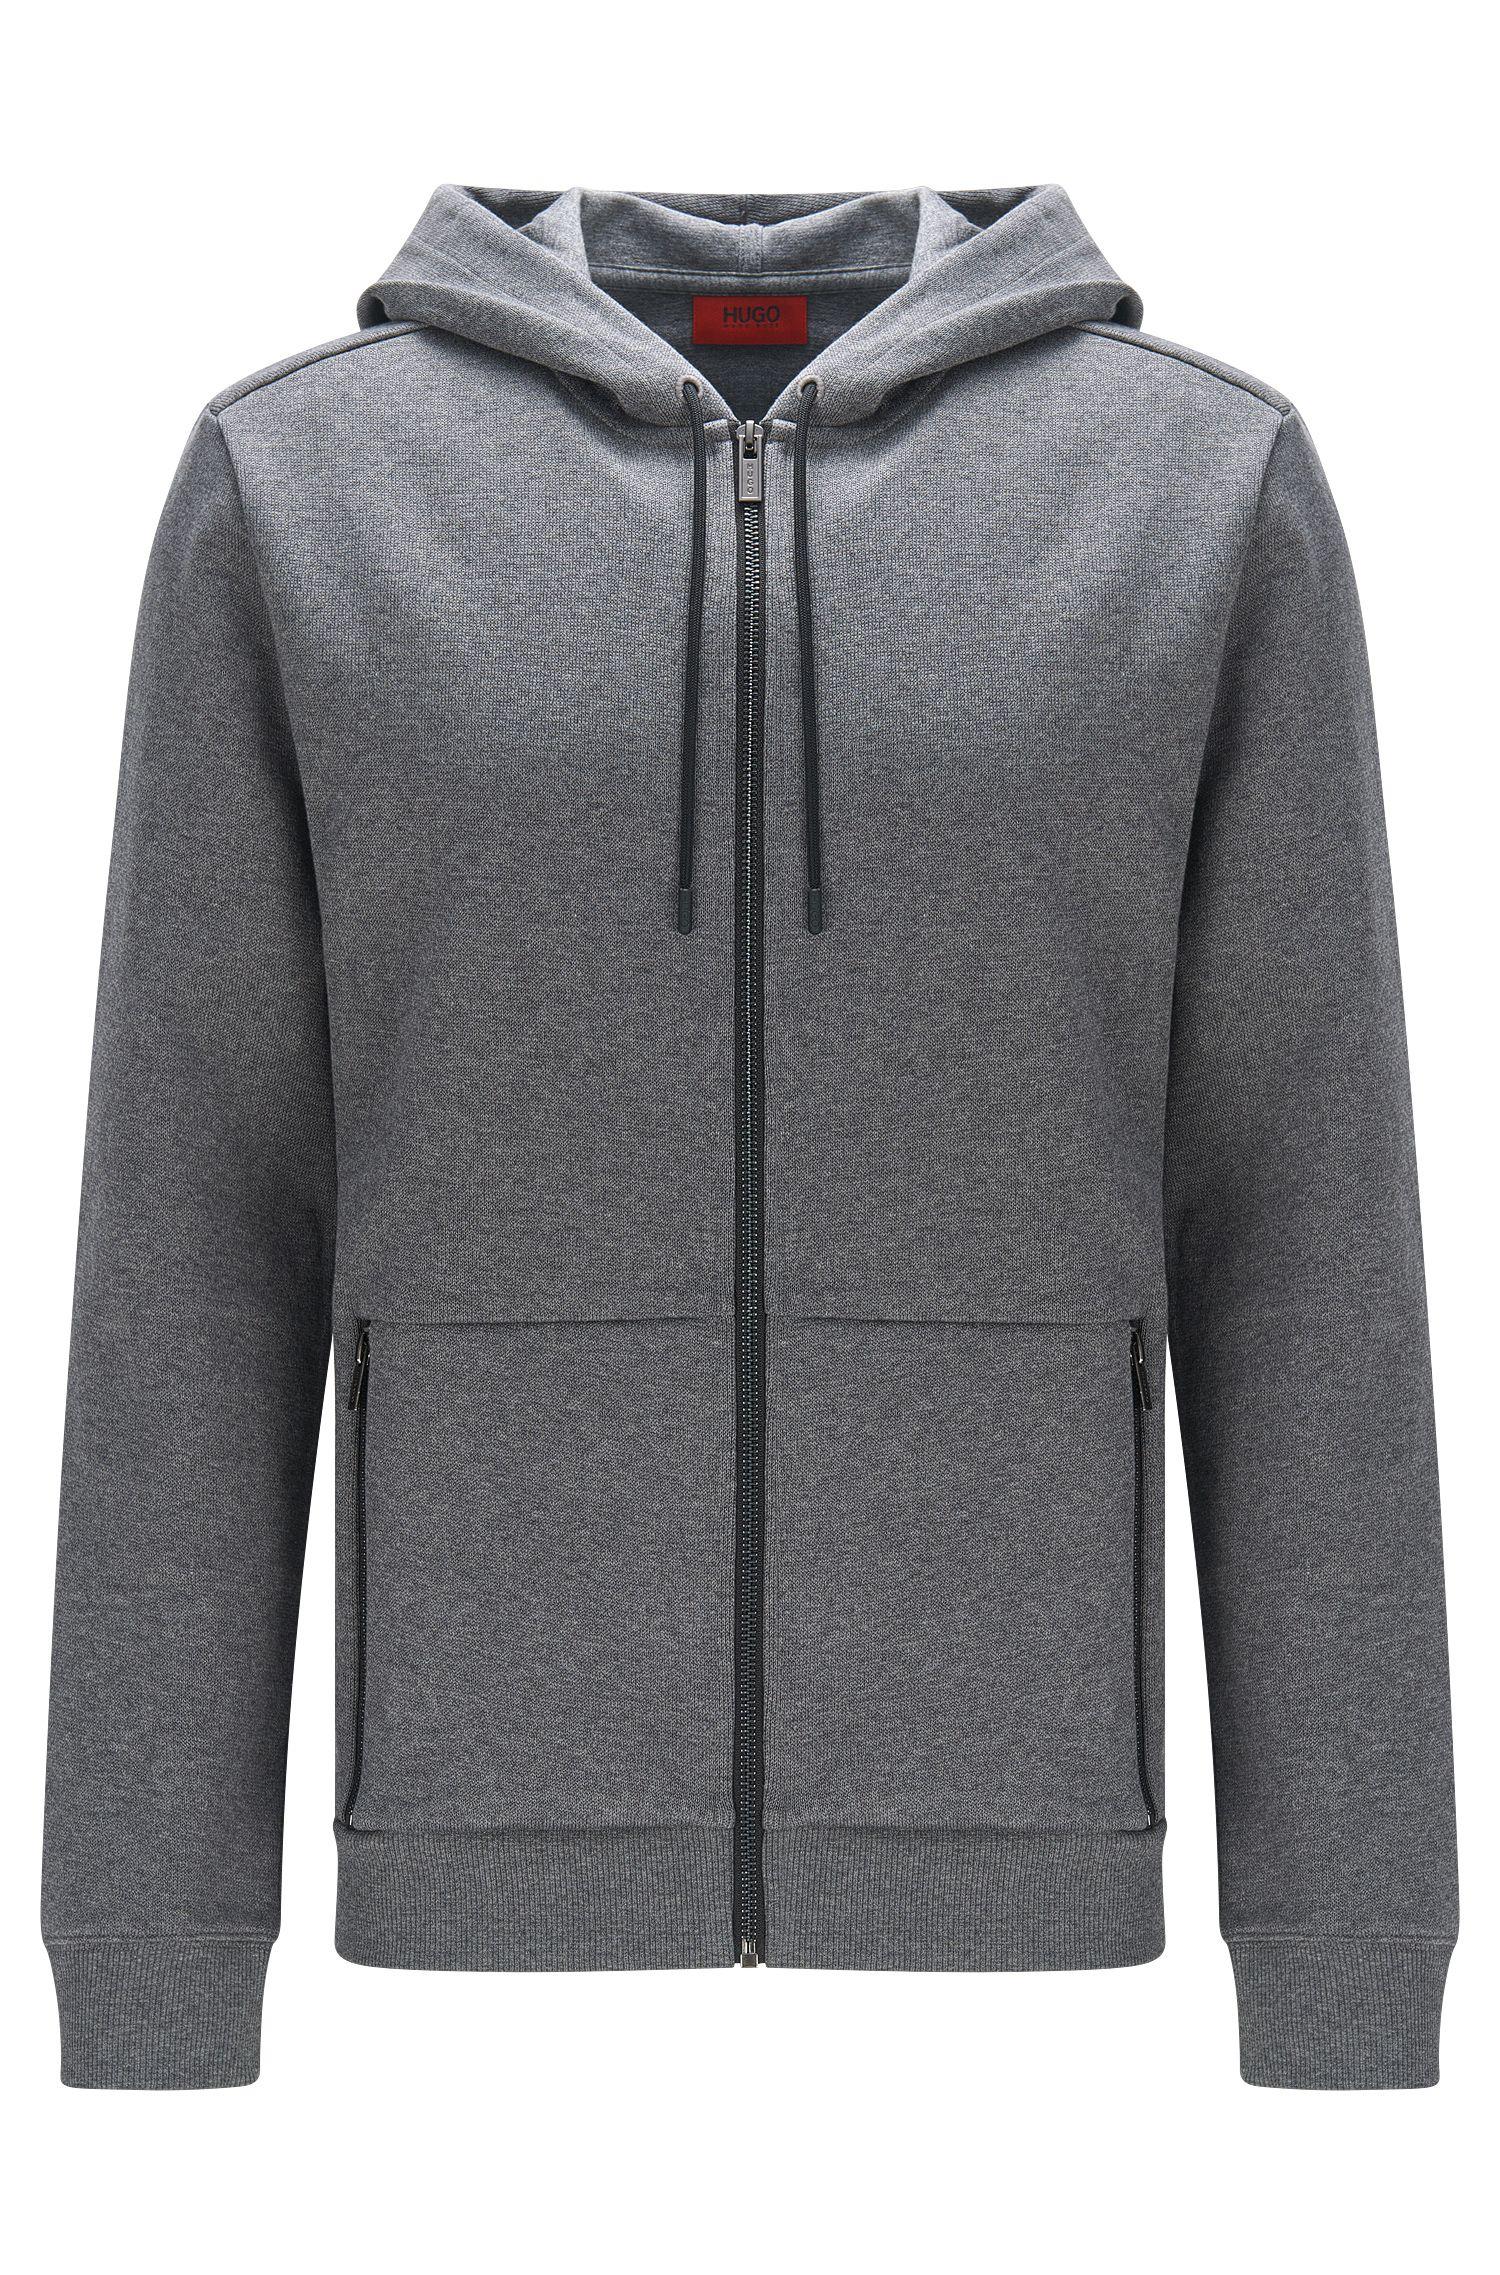 'Dampton' | Cotton Hooded Sweatshirt